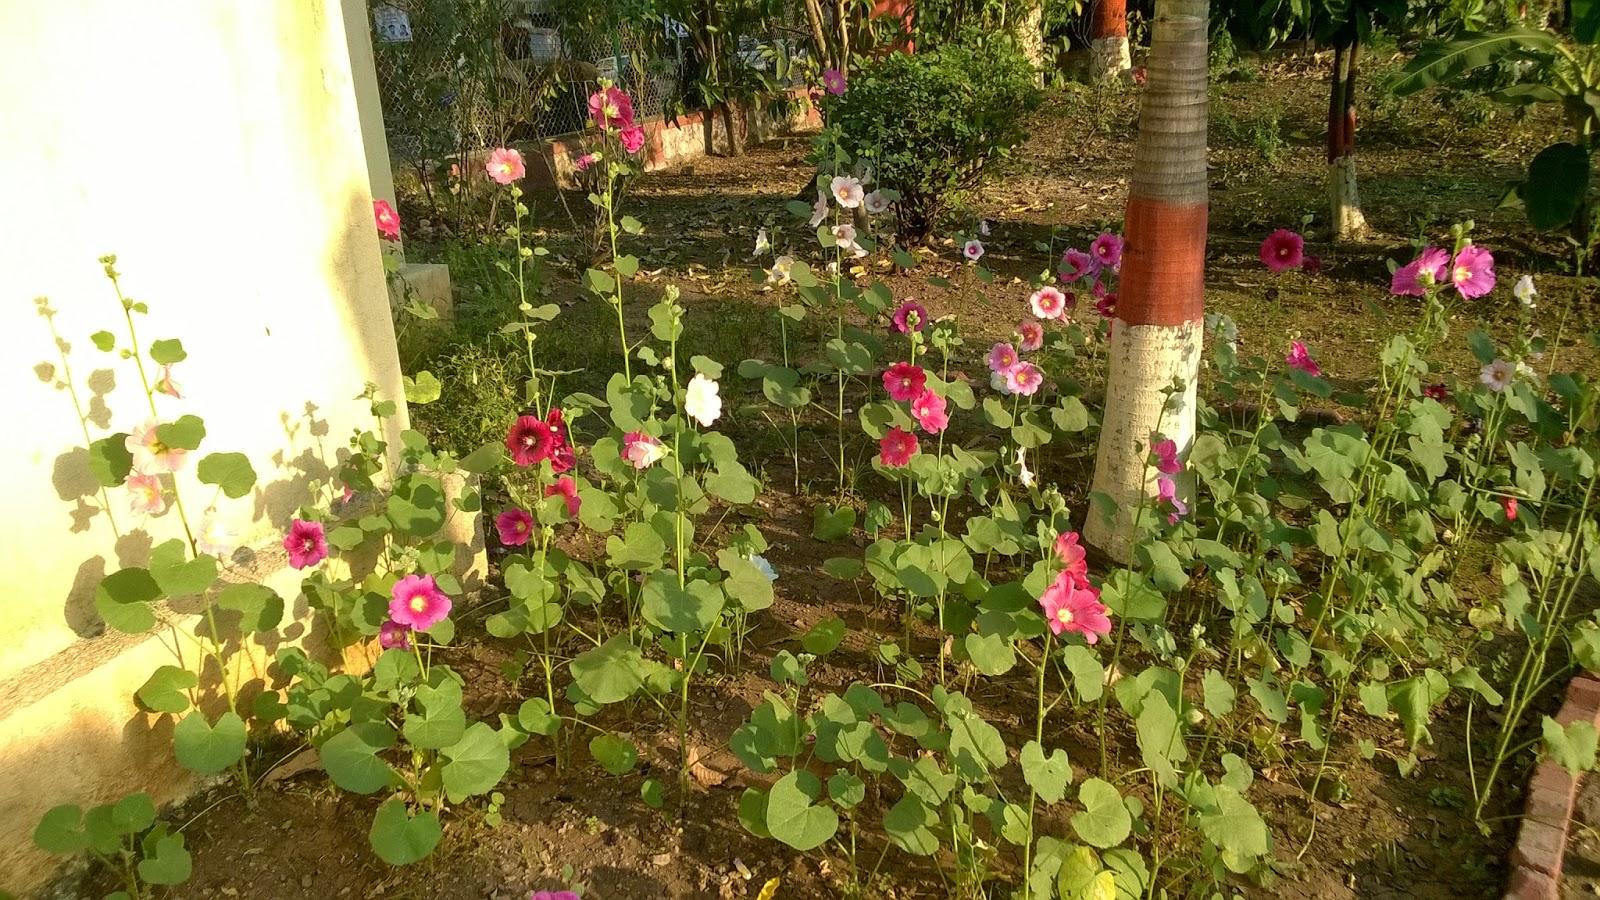 PMC garden, pune, udyan, park